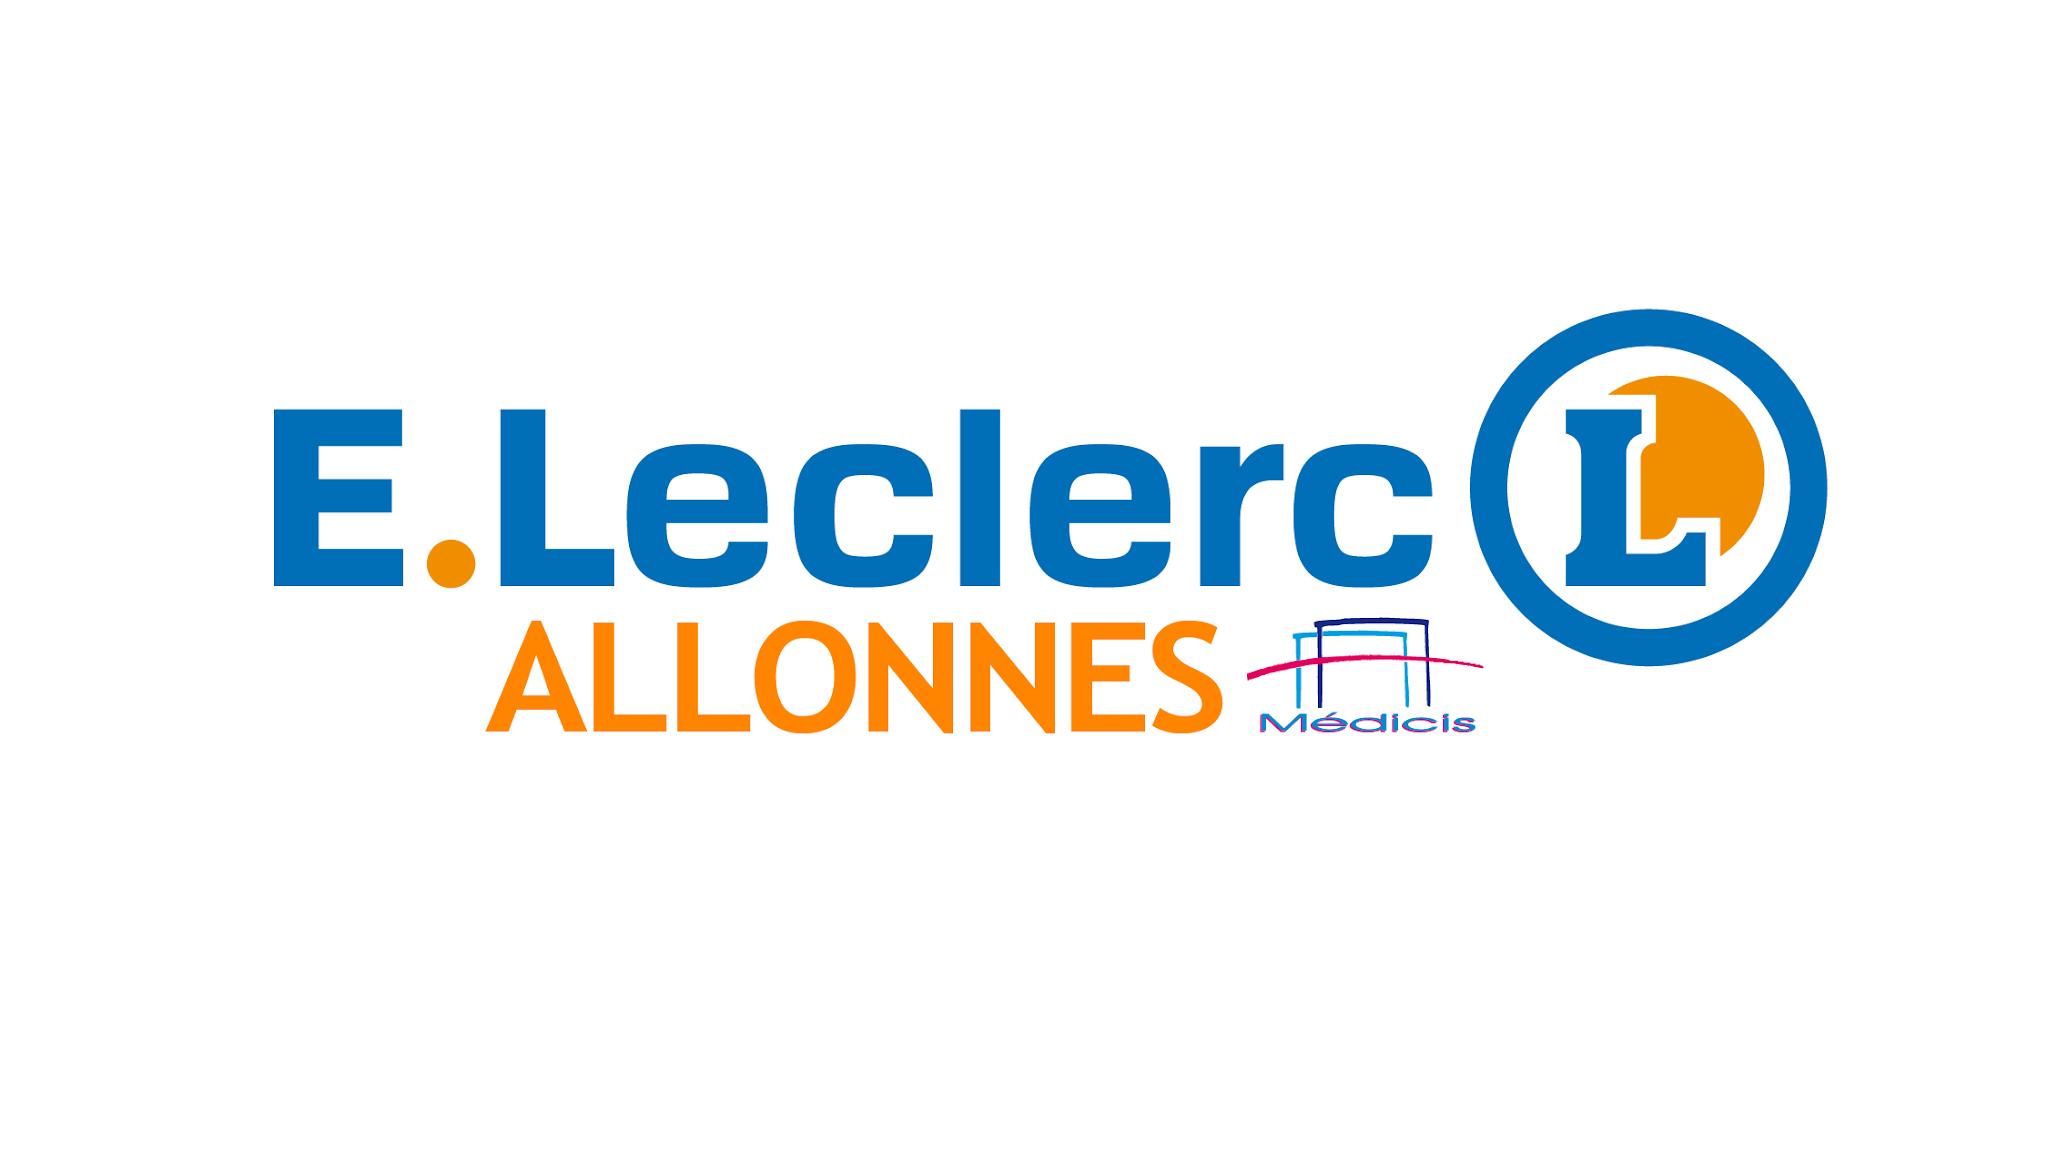 E.Leclerc ALLONNES